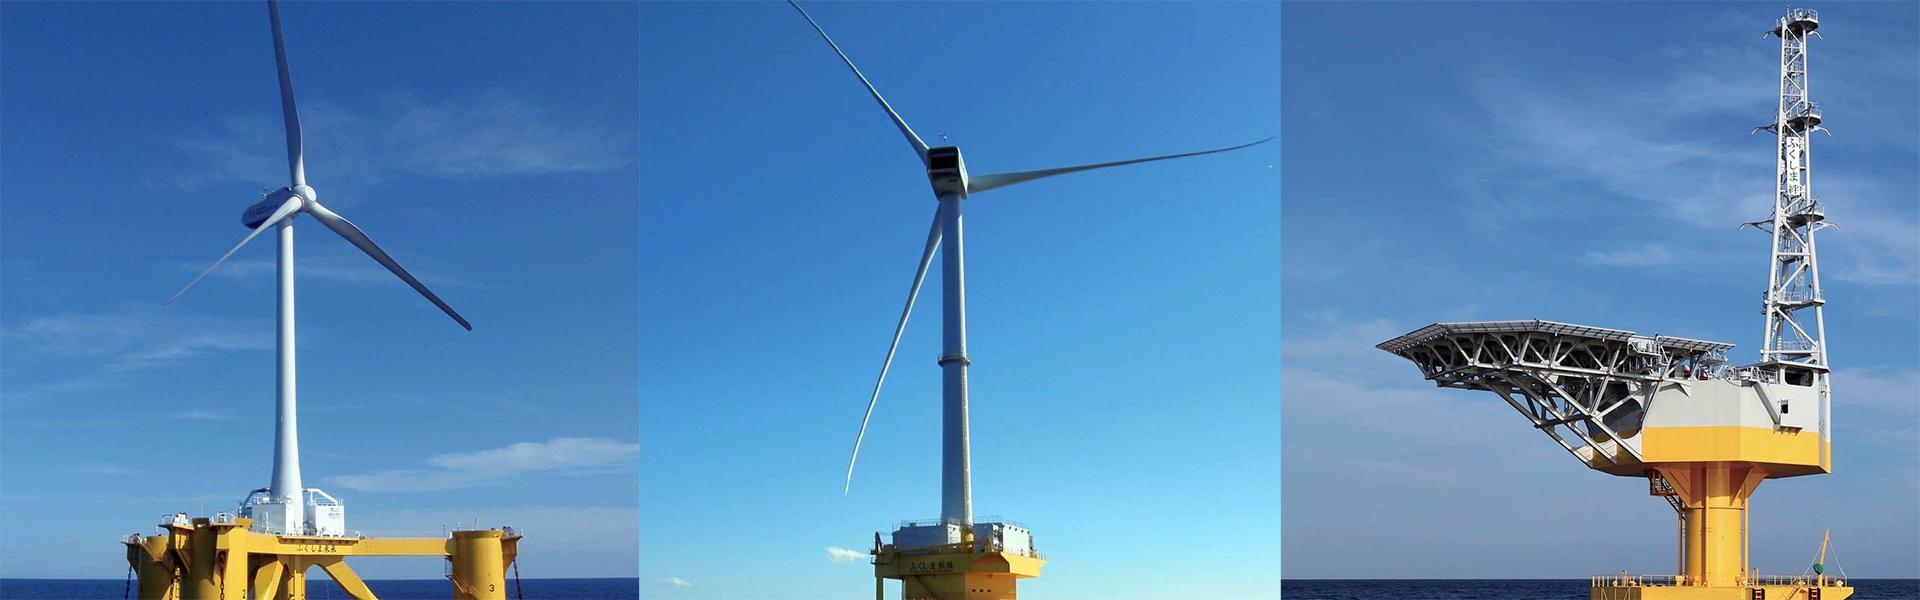 福島沖での浮体式洋上風力発電システムの実証研究事業